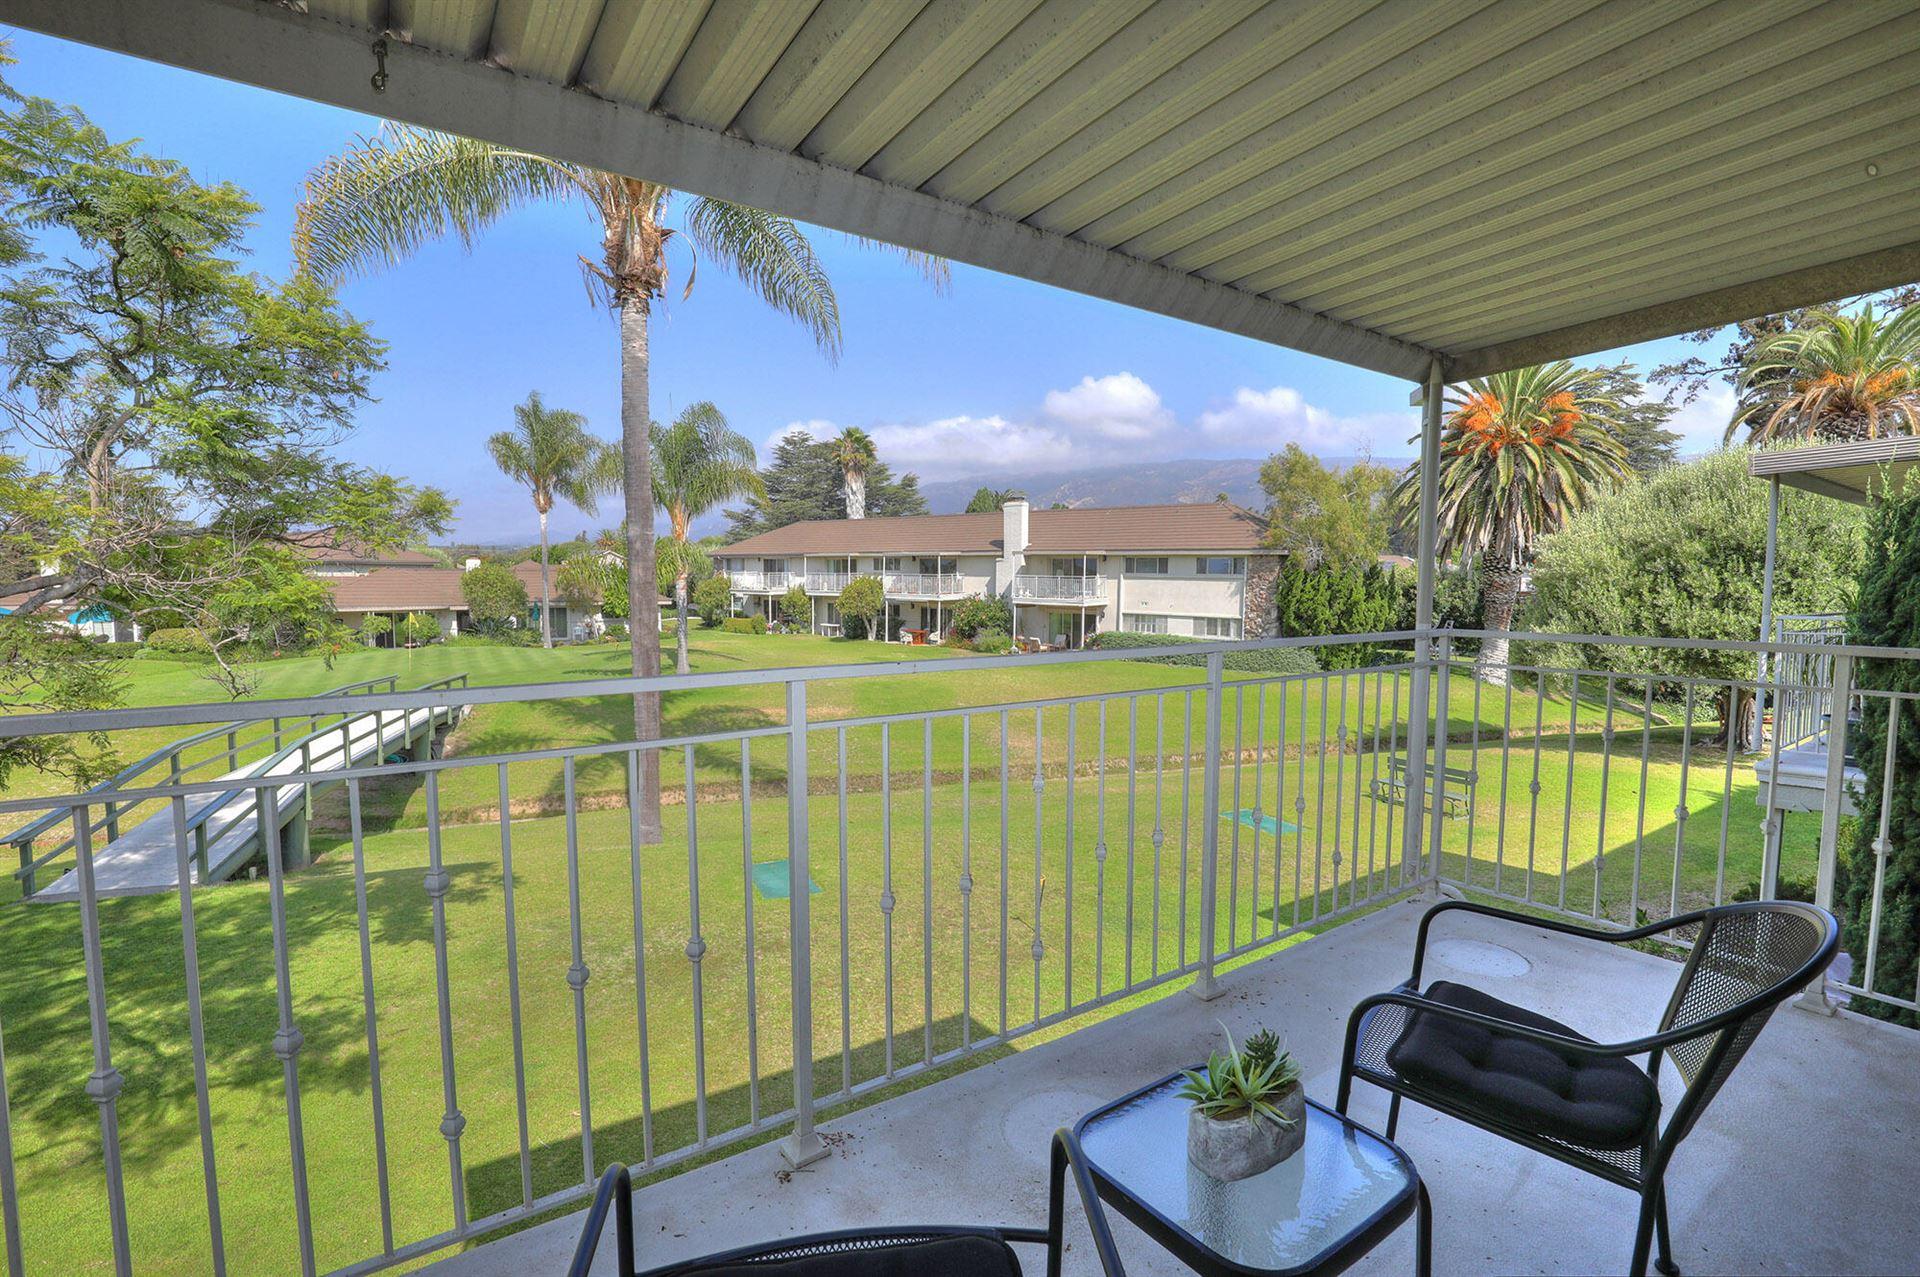 285 Moreton Bay Lane #5, Goleta, CA 93117 - MLS#: 21-3871